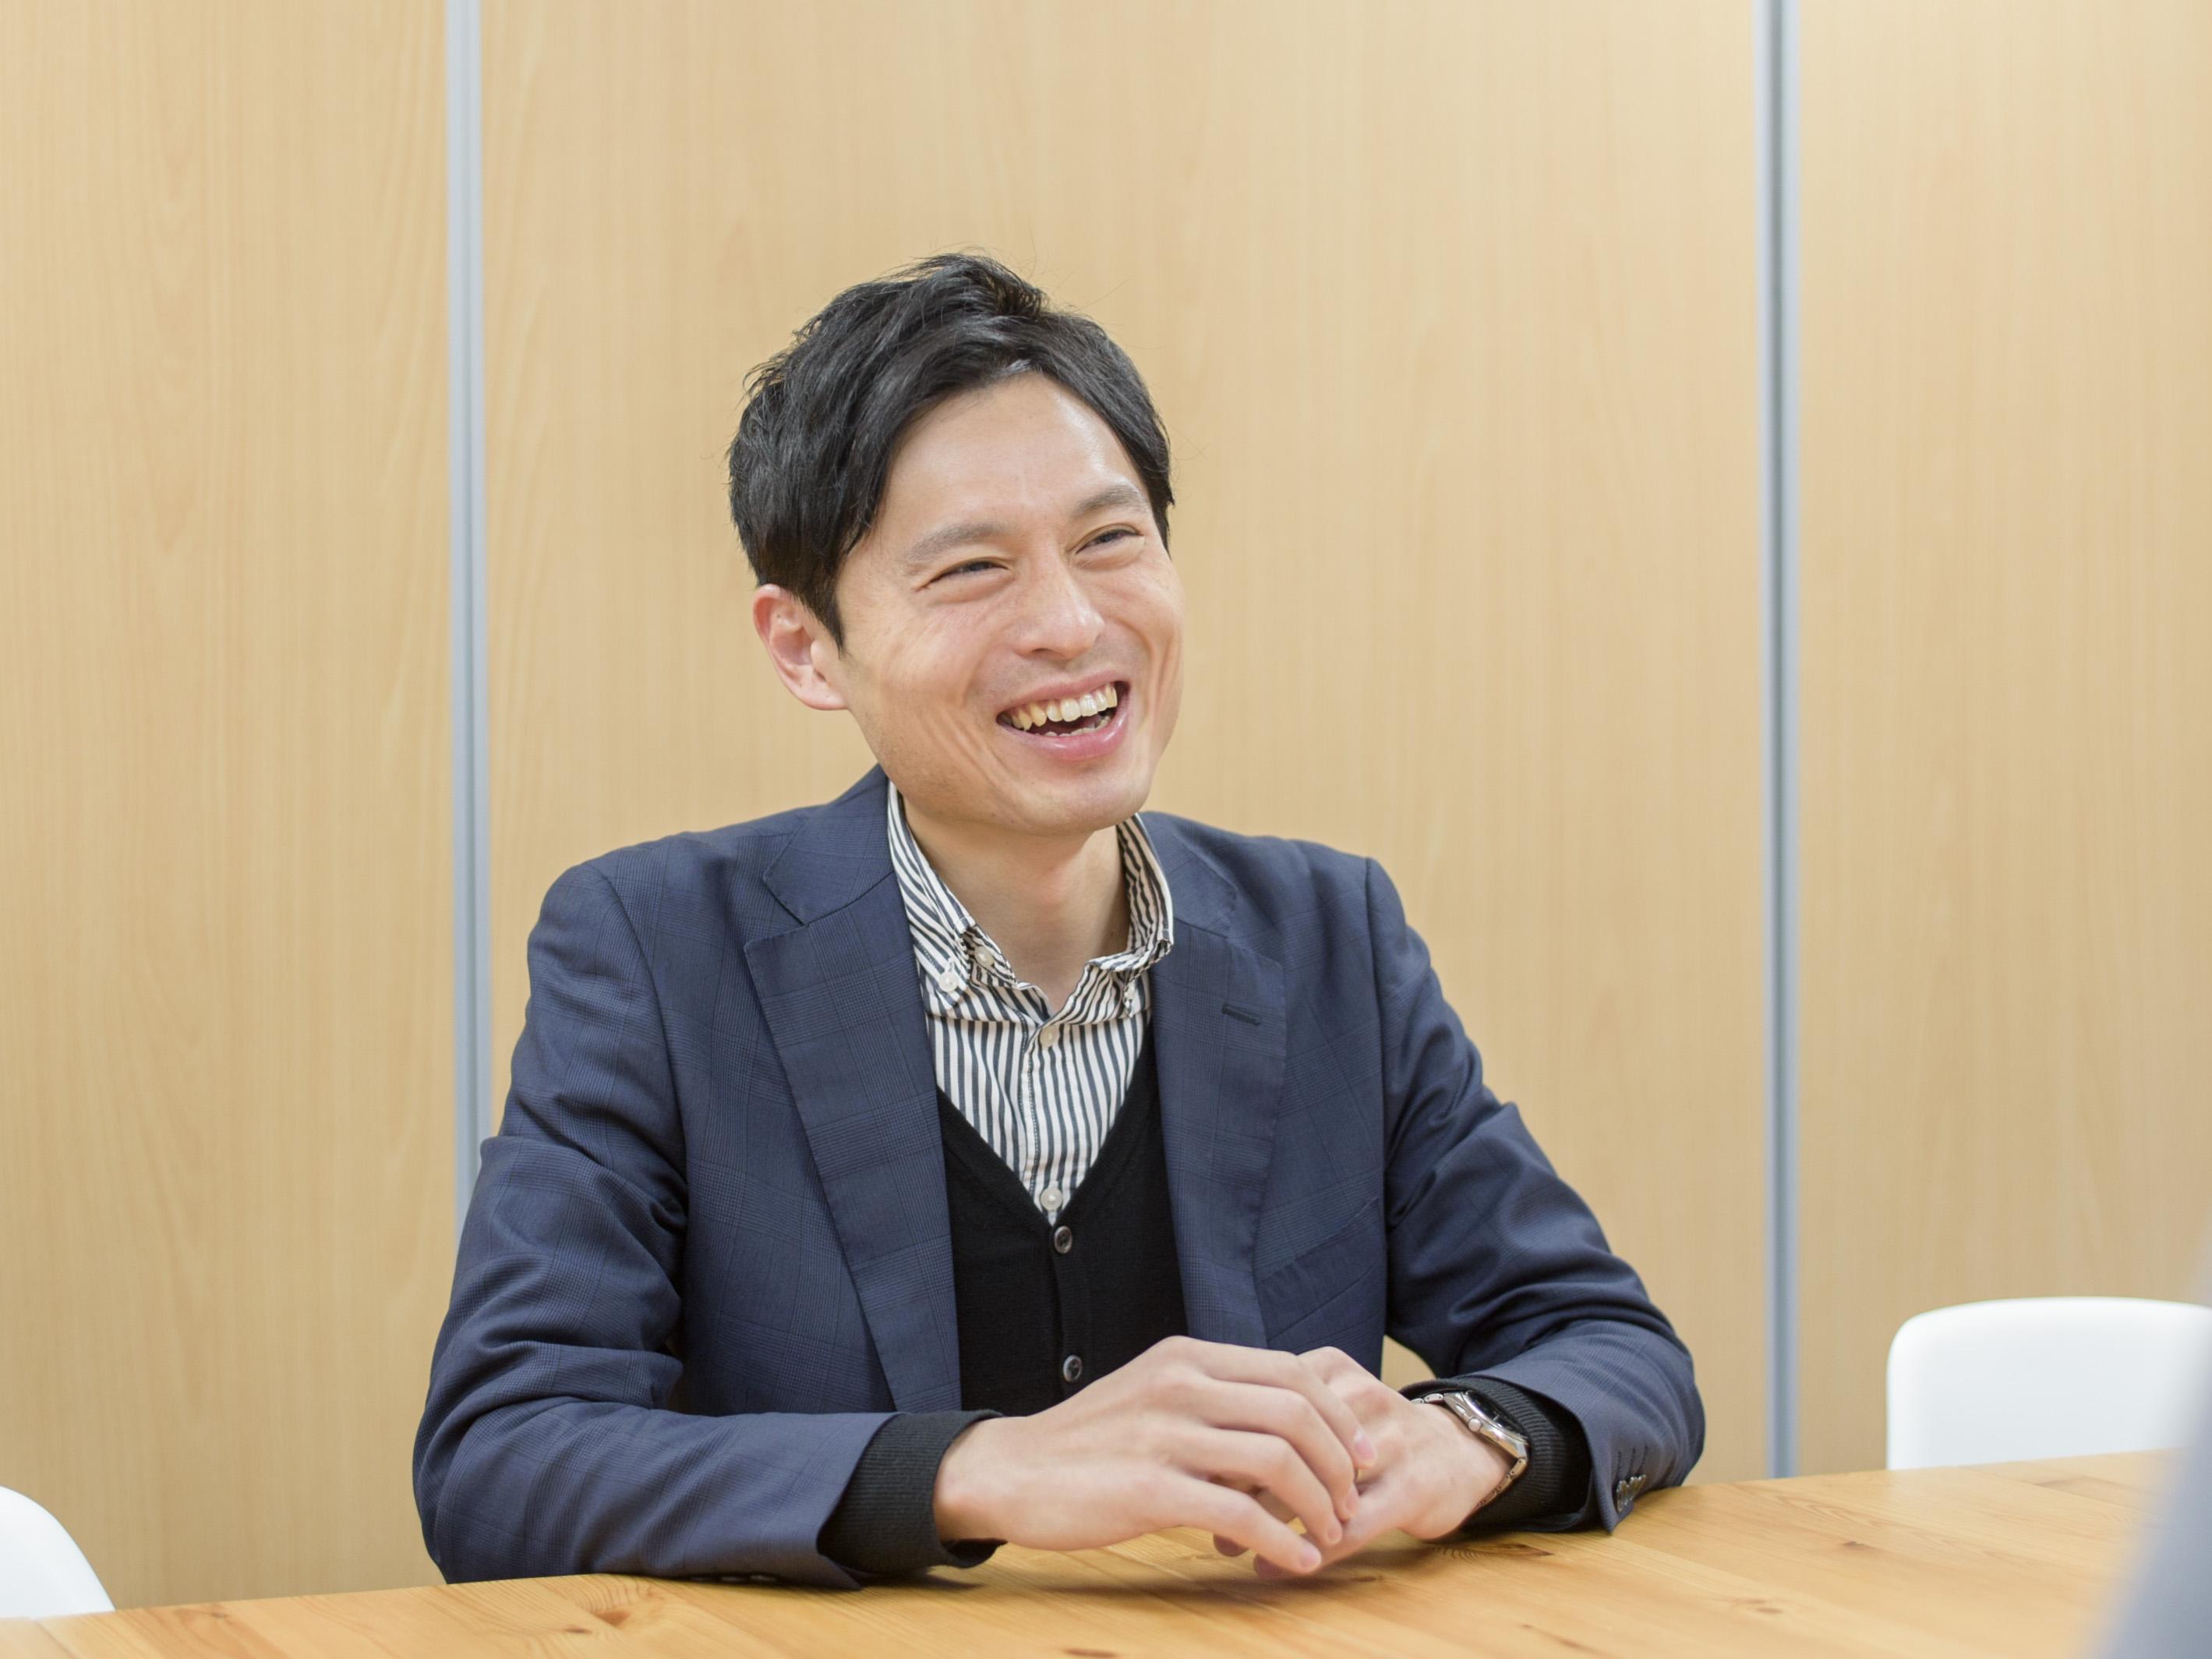 花田インタビュー画像1